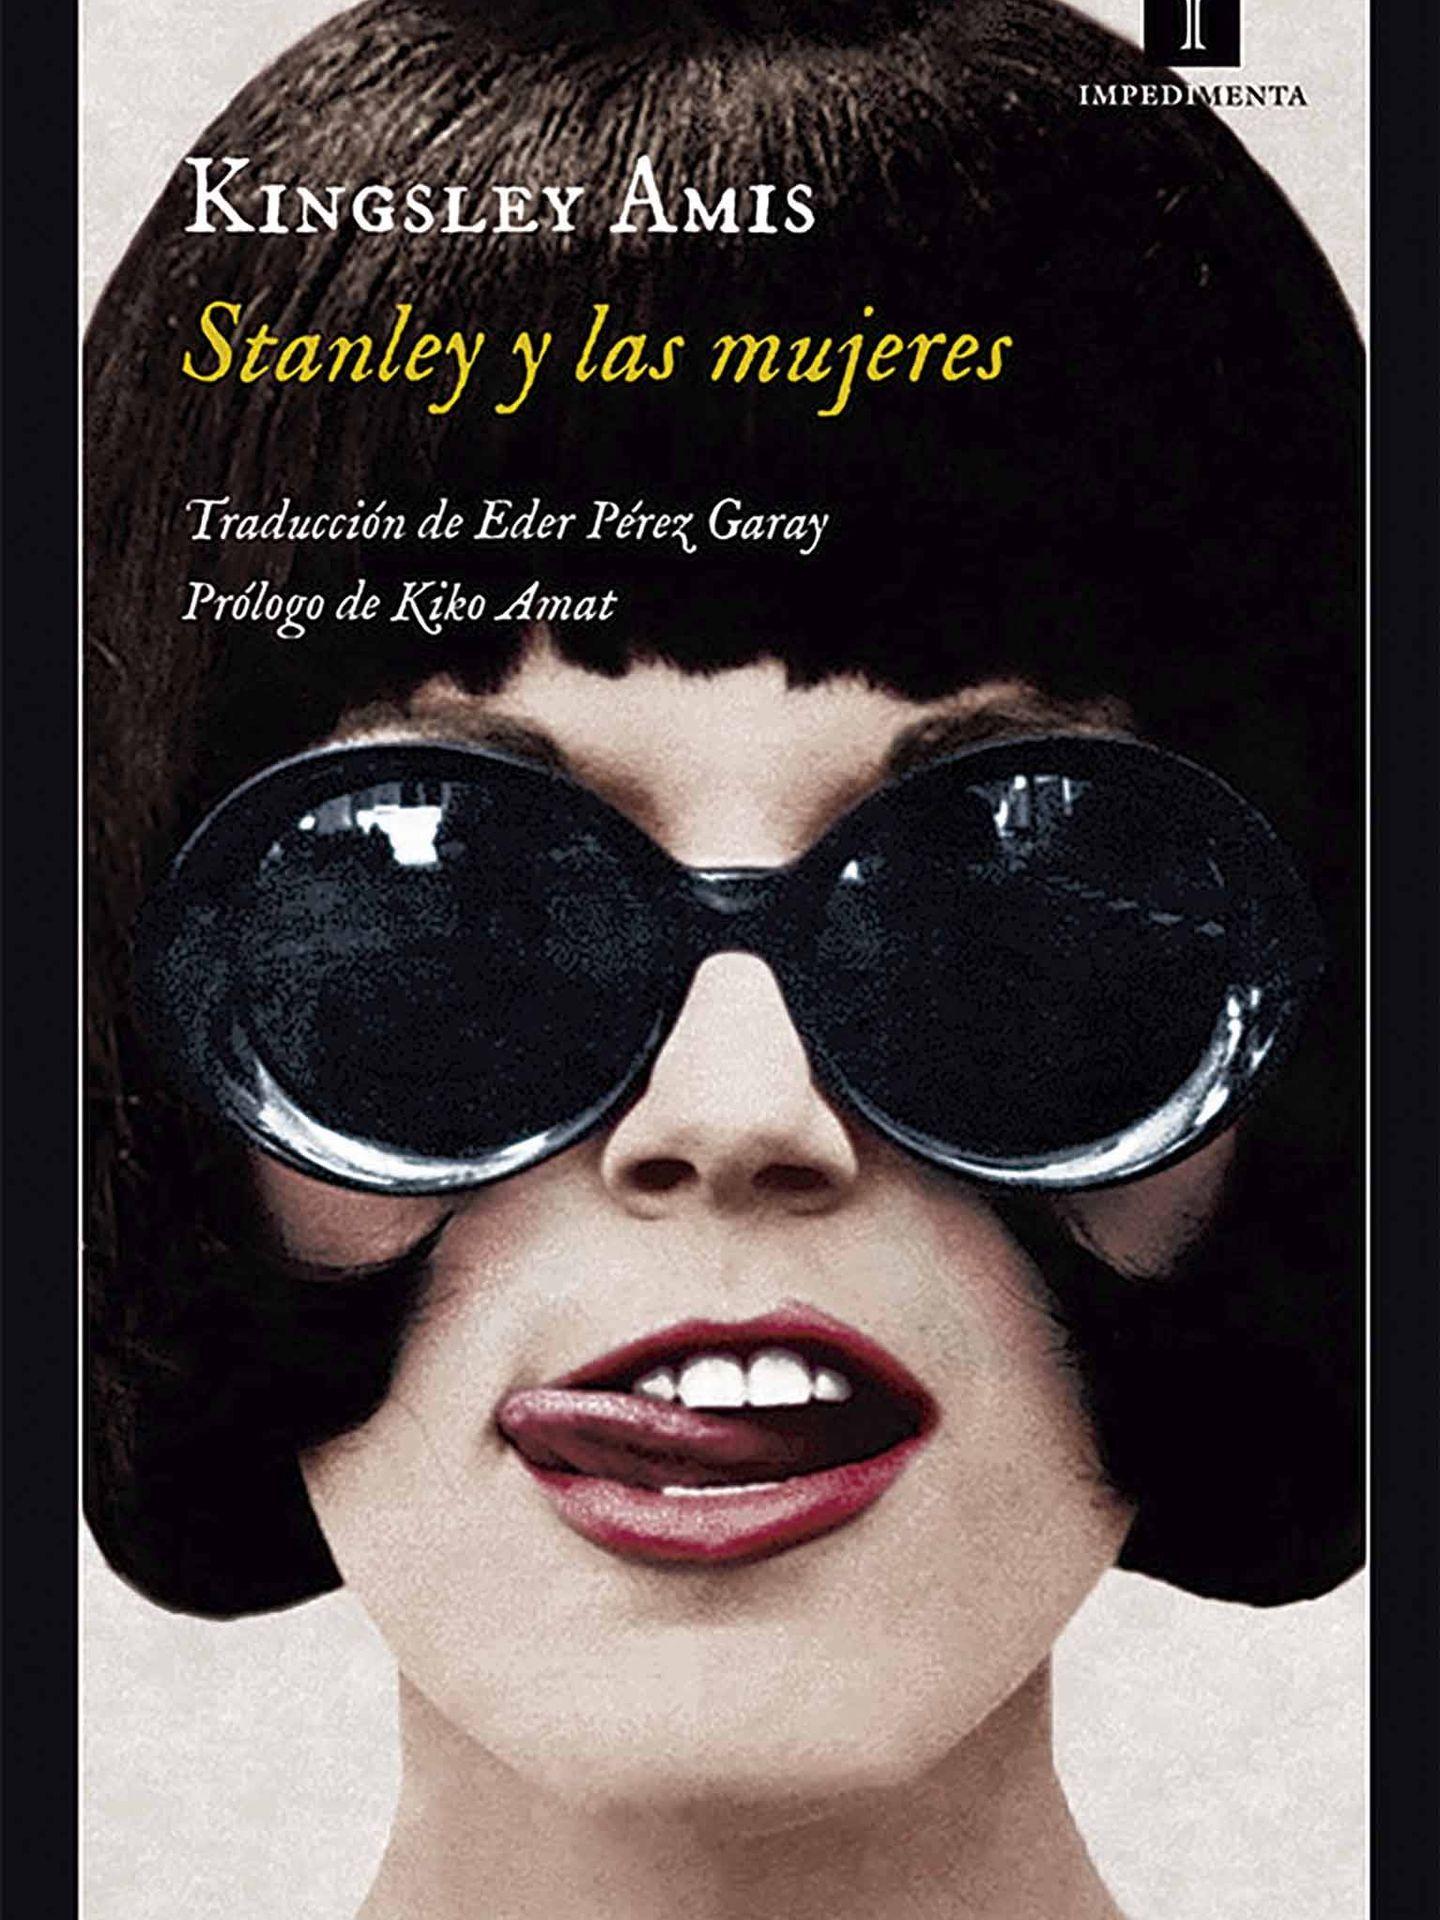 'Stanley y las mujeres'. (Impedimenta)